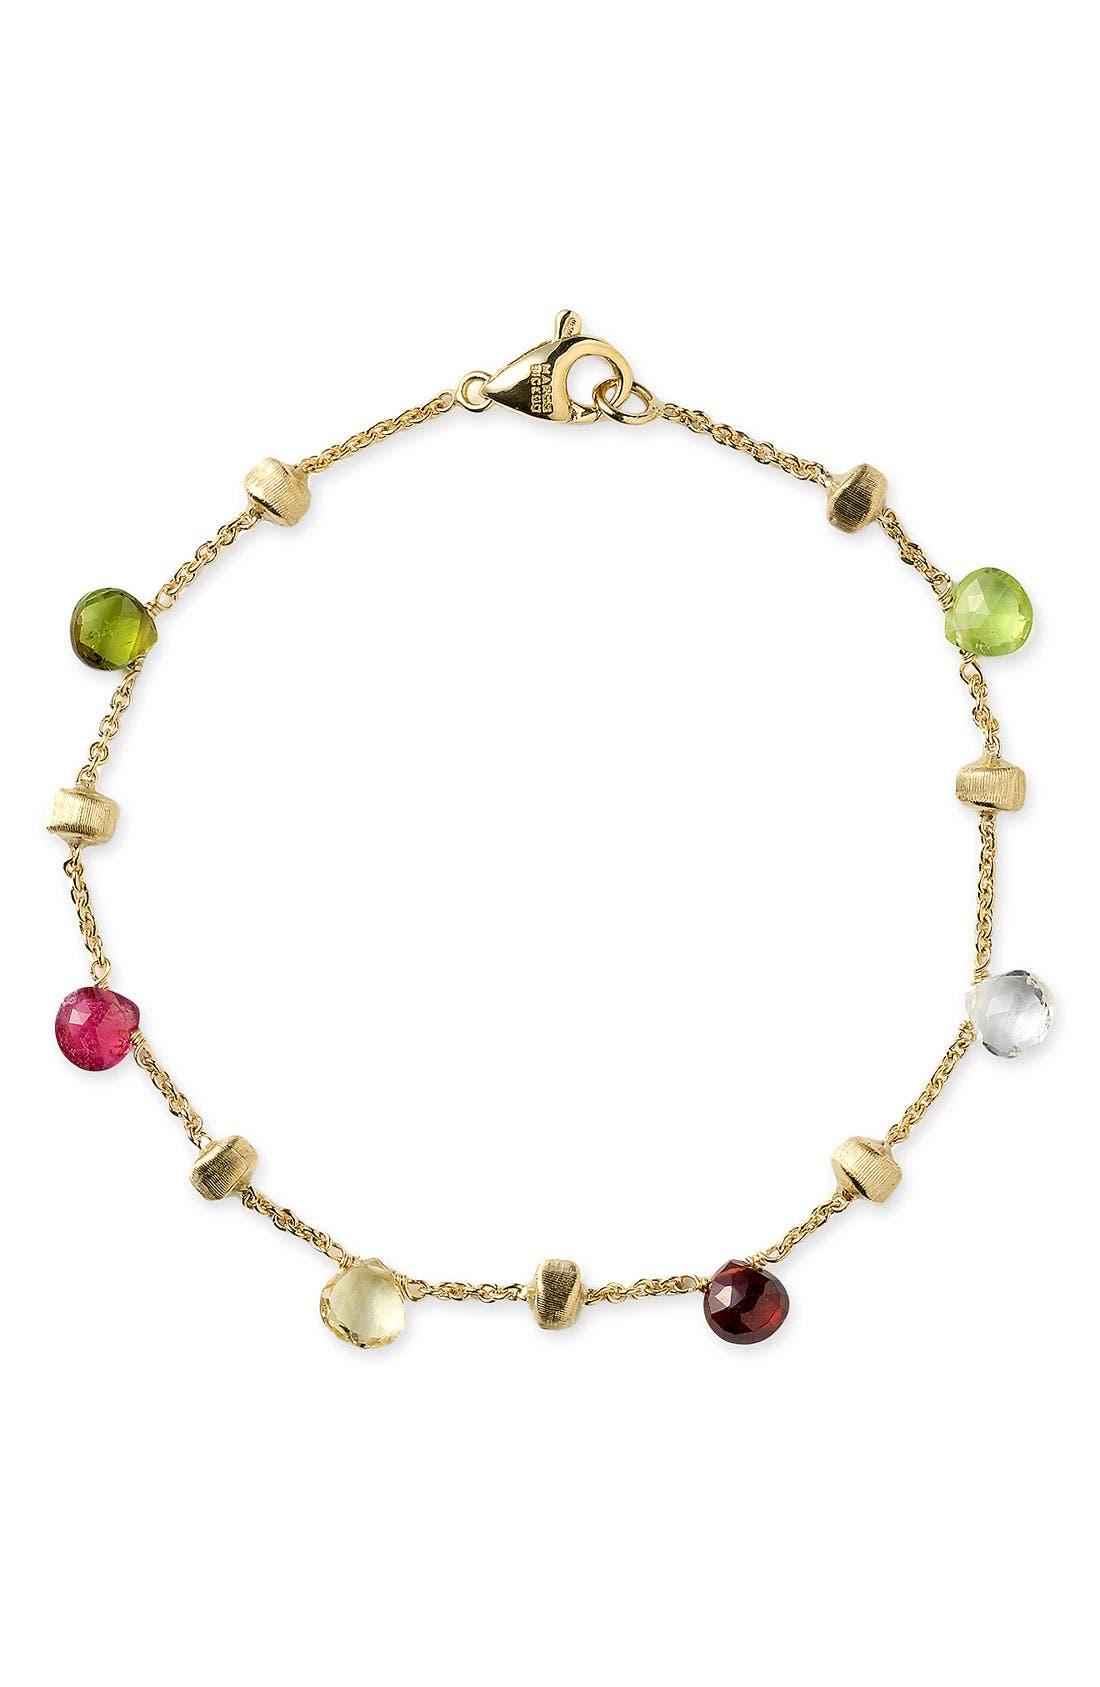 Main Image - Marco Bicego 'Paradise' Single Strand Bracelet